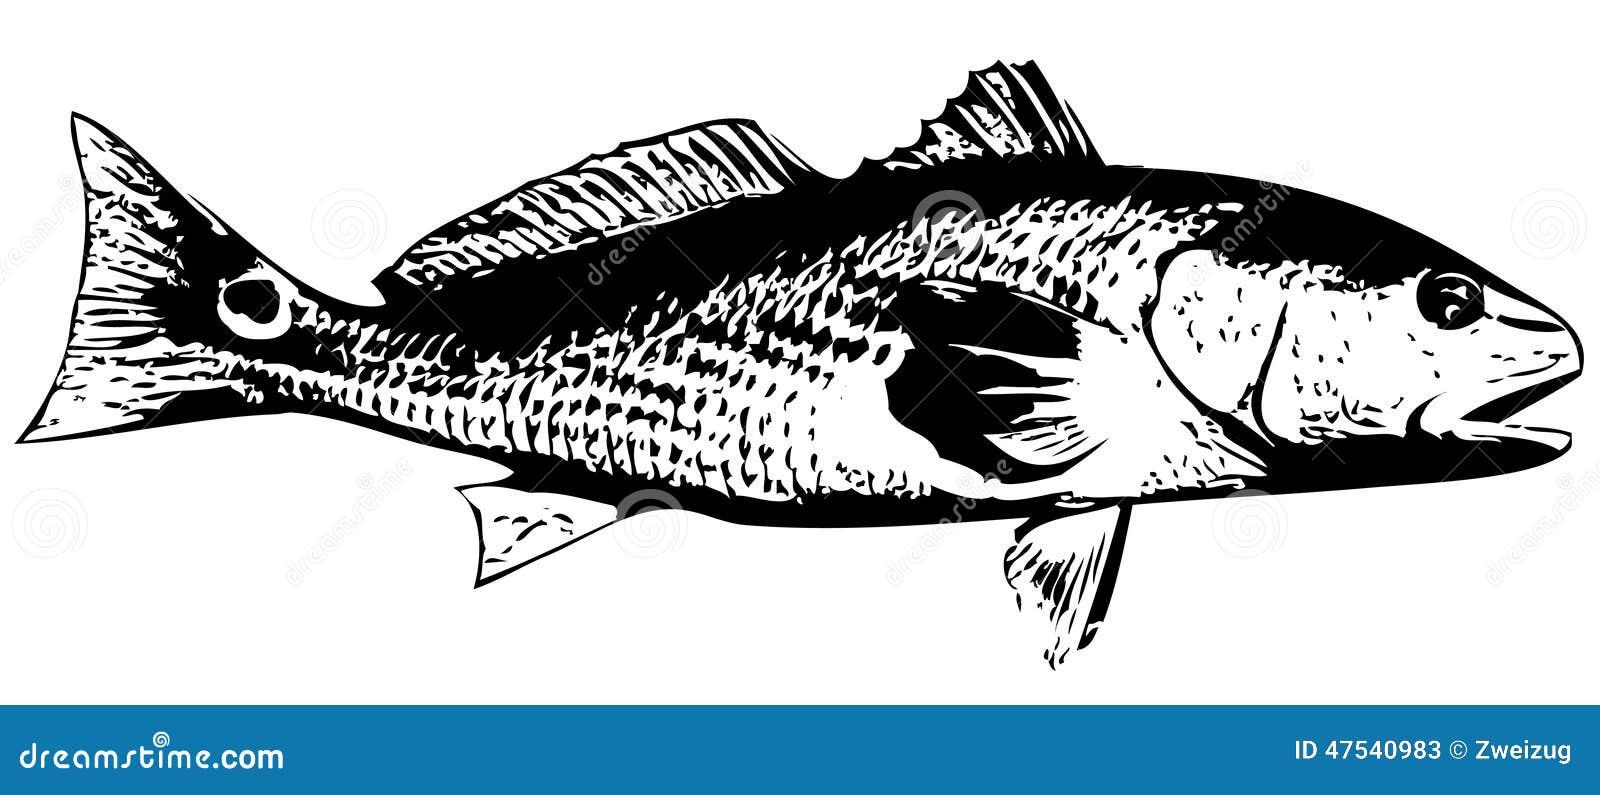 Redfish (красный барабанчик) удят - вектор